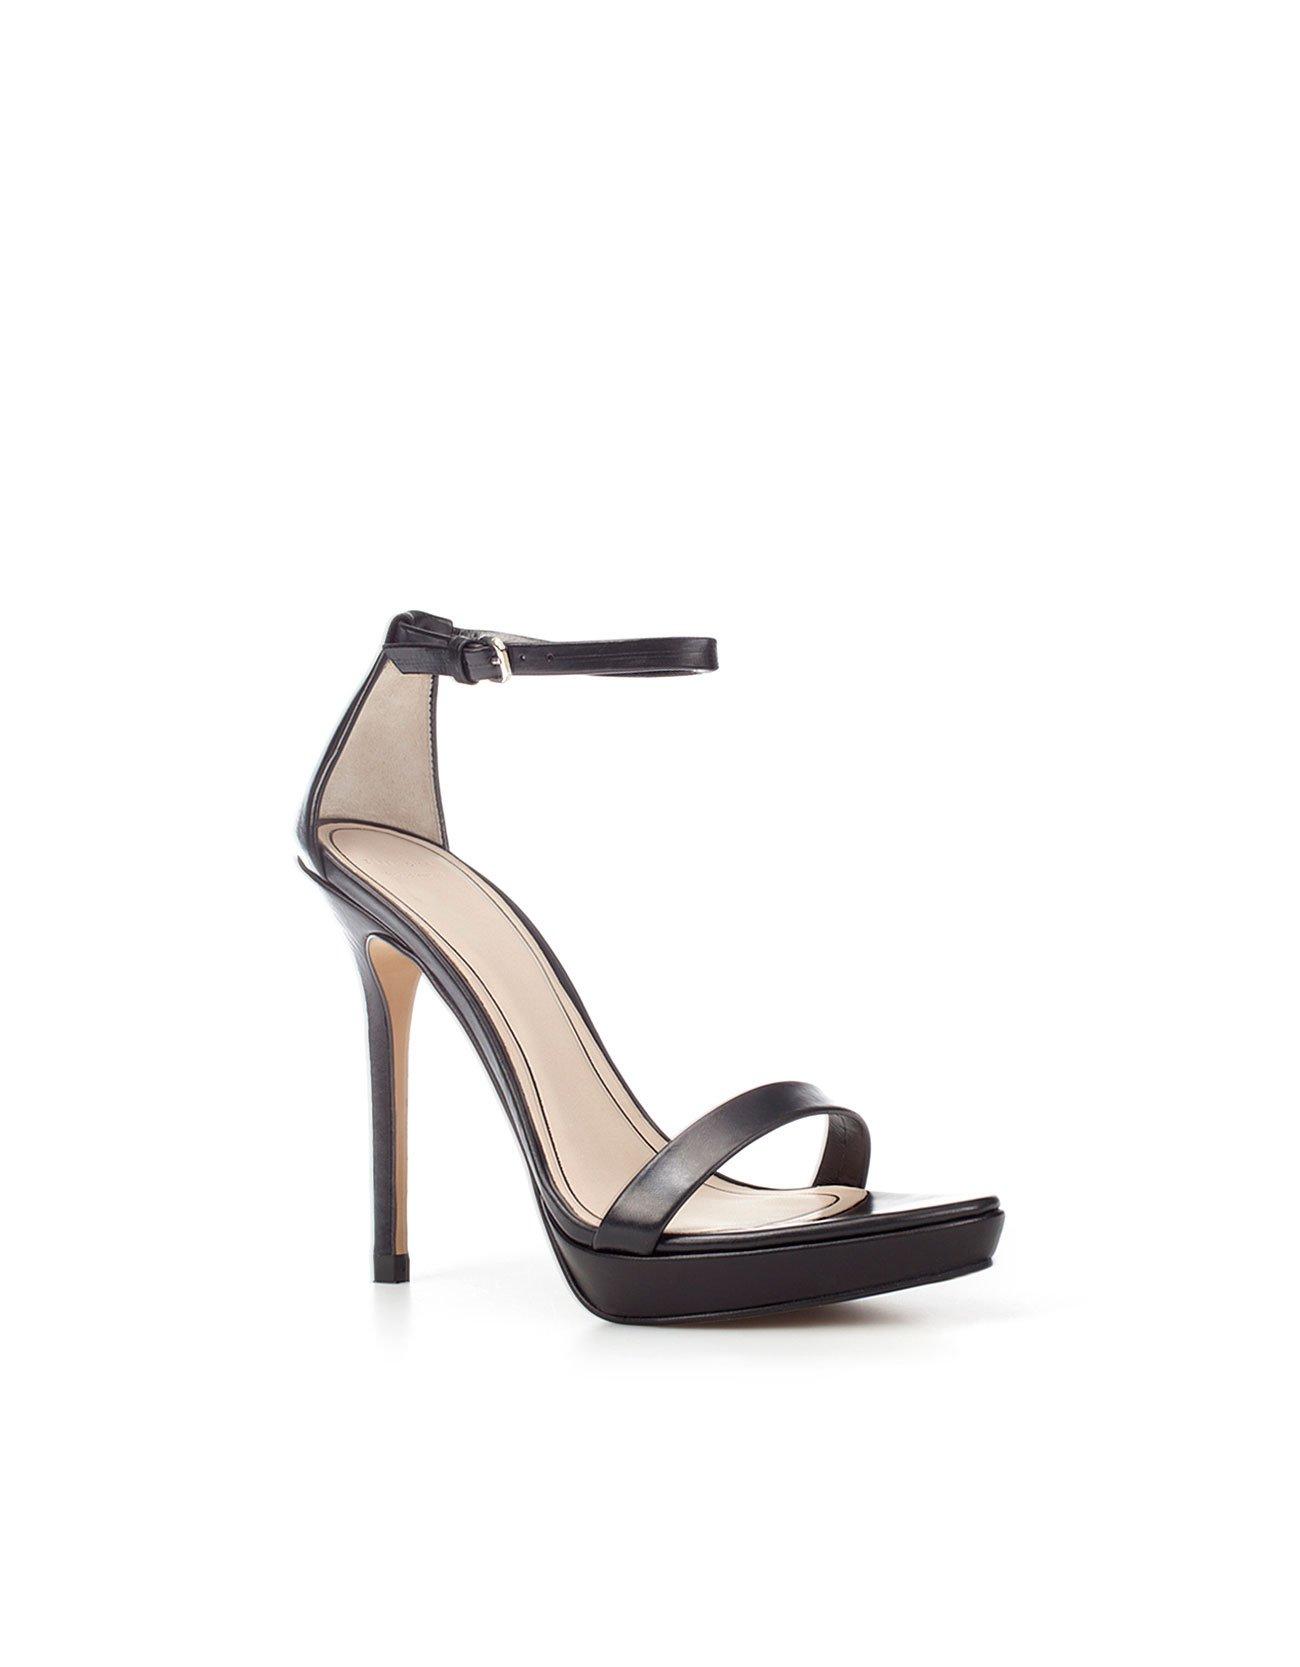 Zara Thin Strap Sandals in Black | Lyst